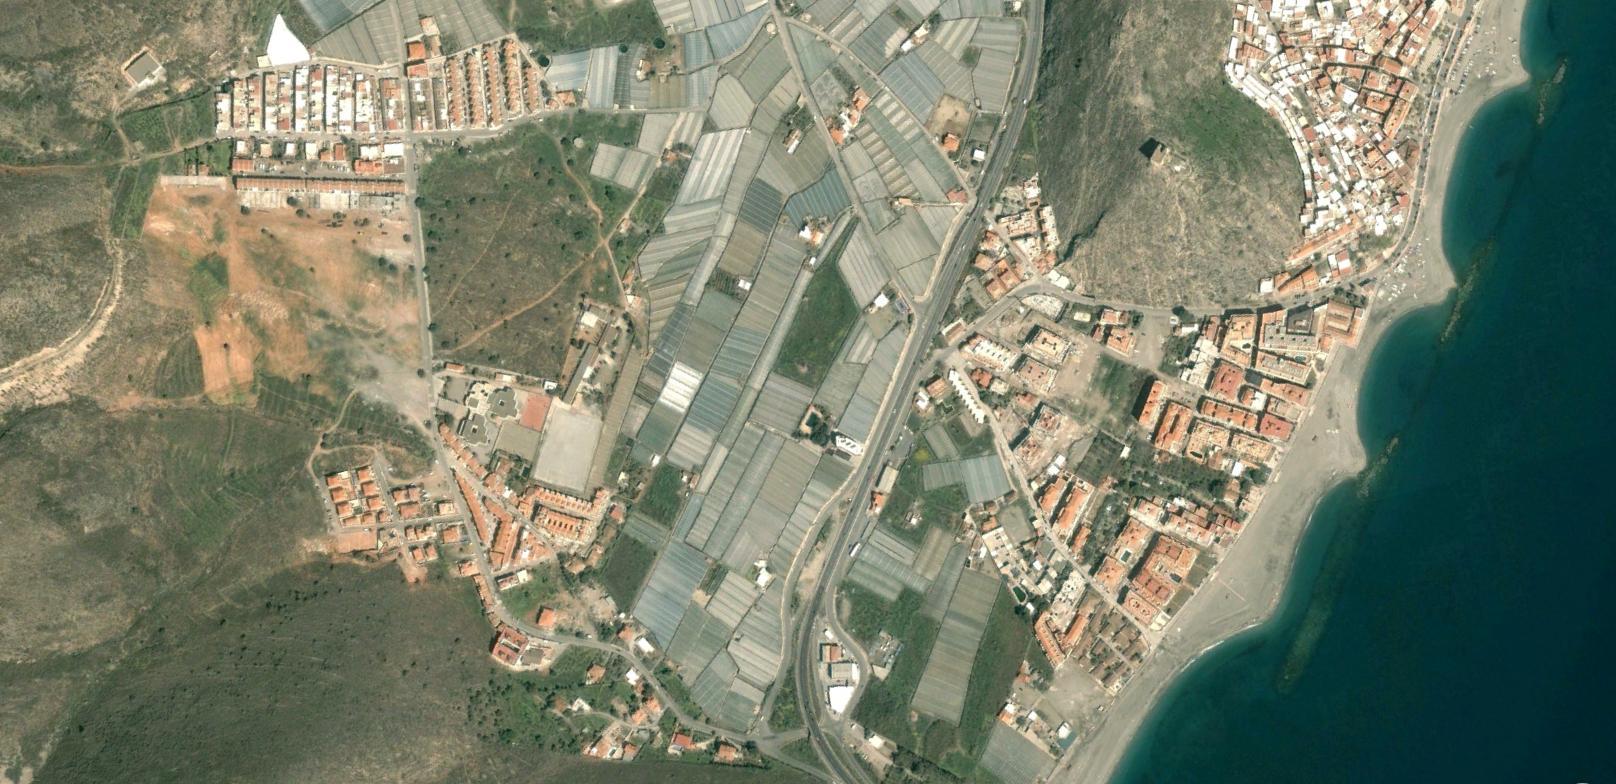 castell de ferro, granada, habla en español coño, antes, urbanismo, planeamiento, urbano, desastre, urbanístico, construcción